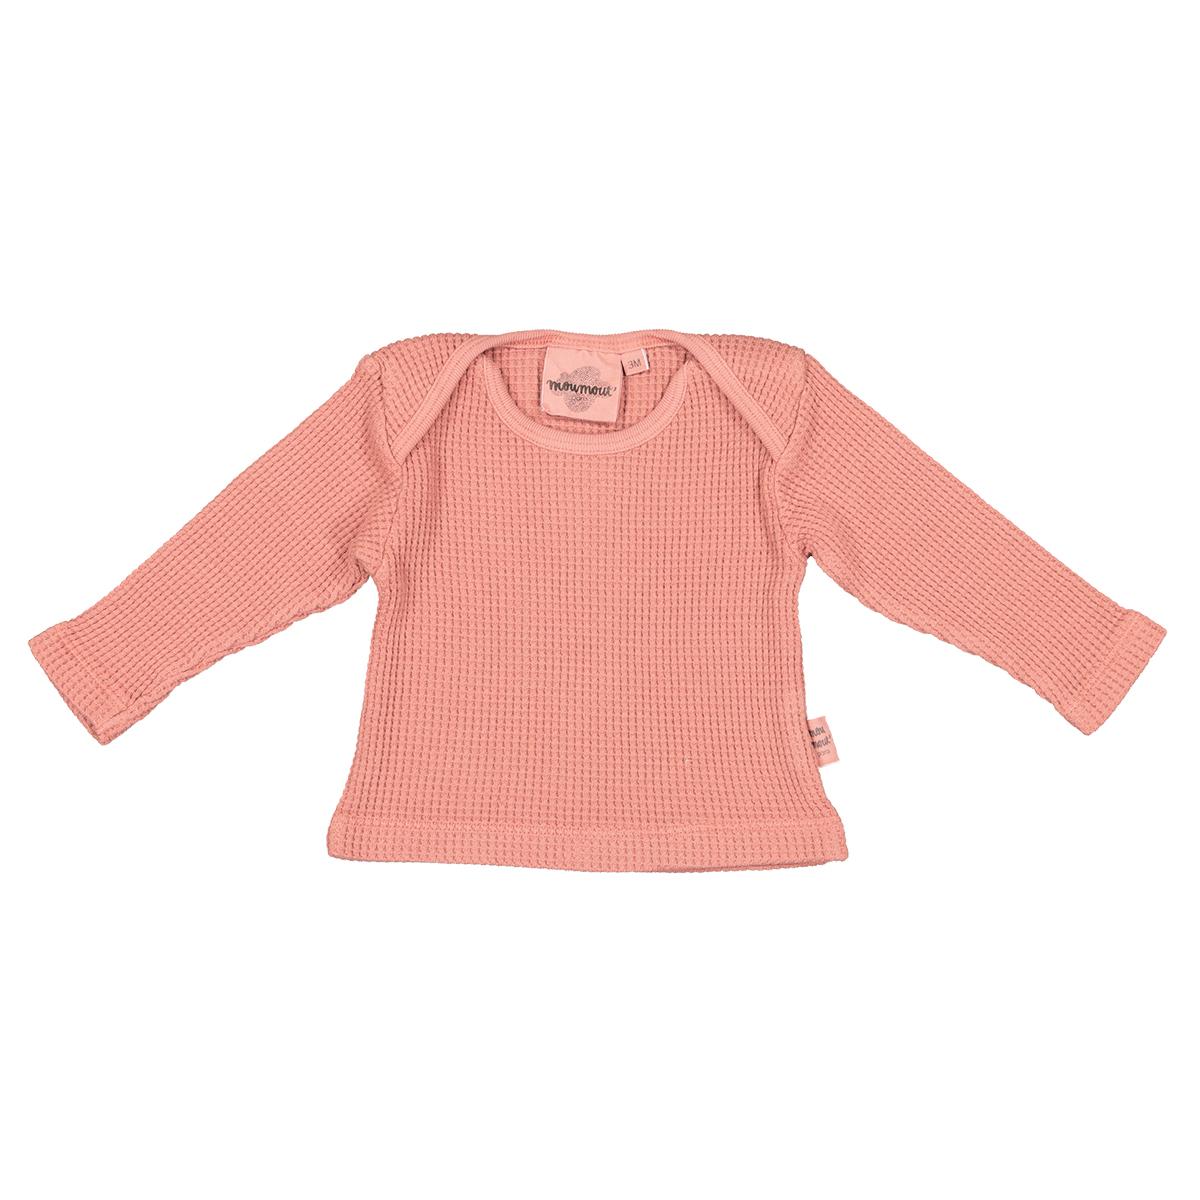 Haut bébé Tee-shirt Mü Bee Terracotta - 6 Mois